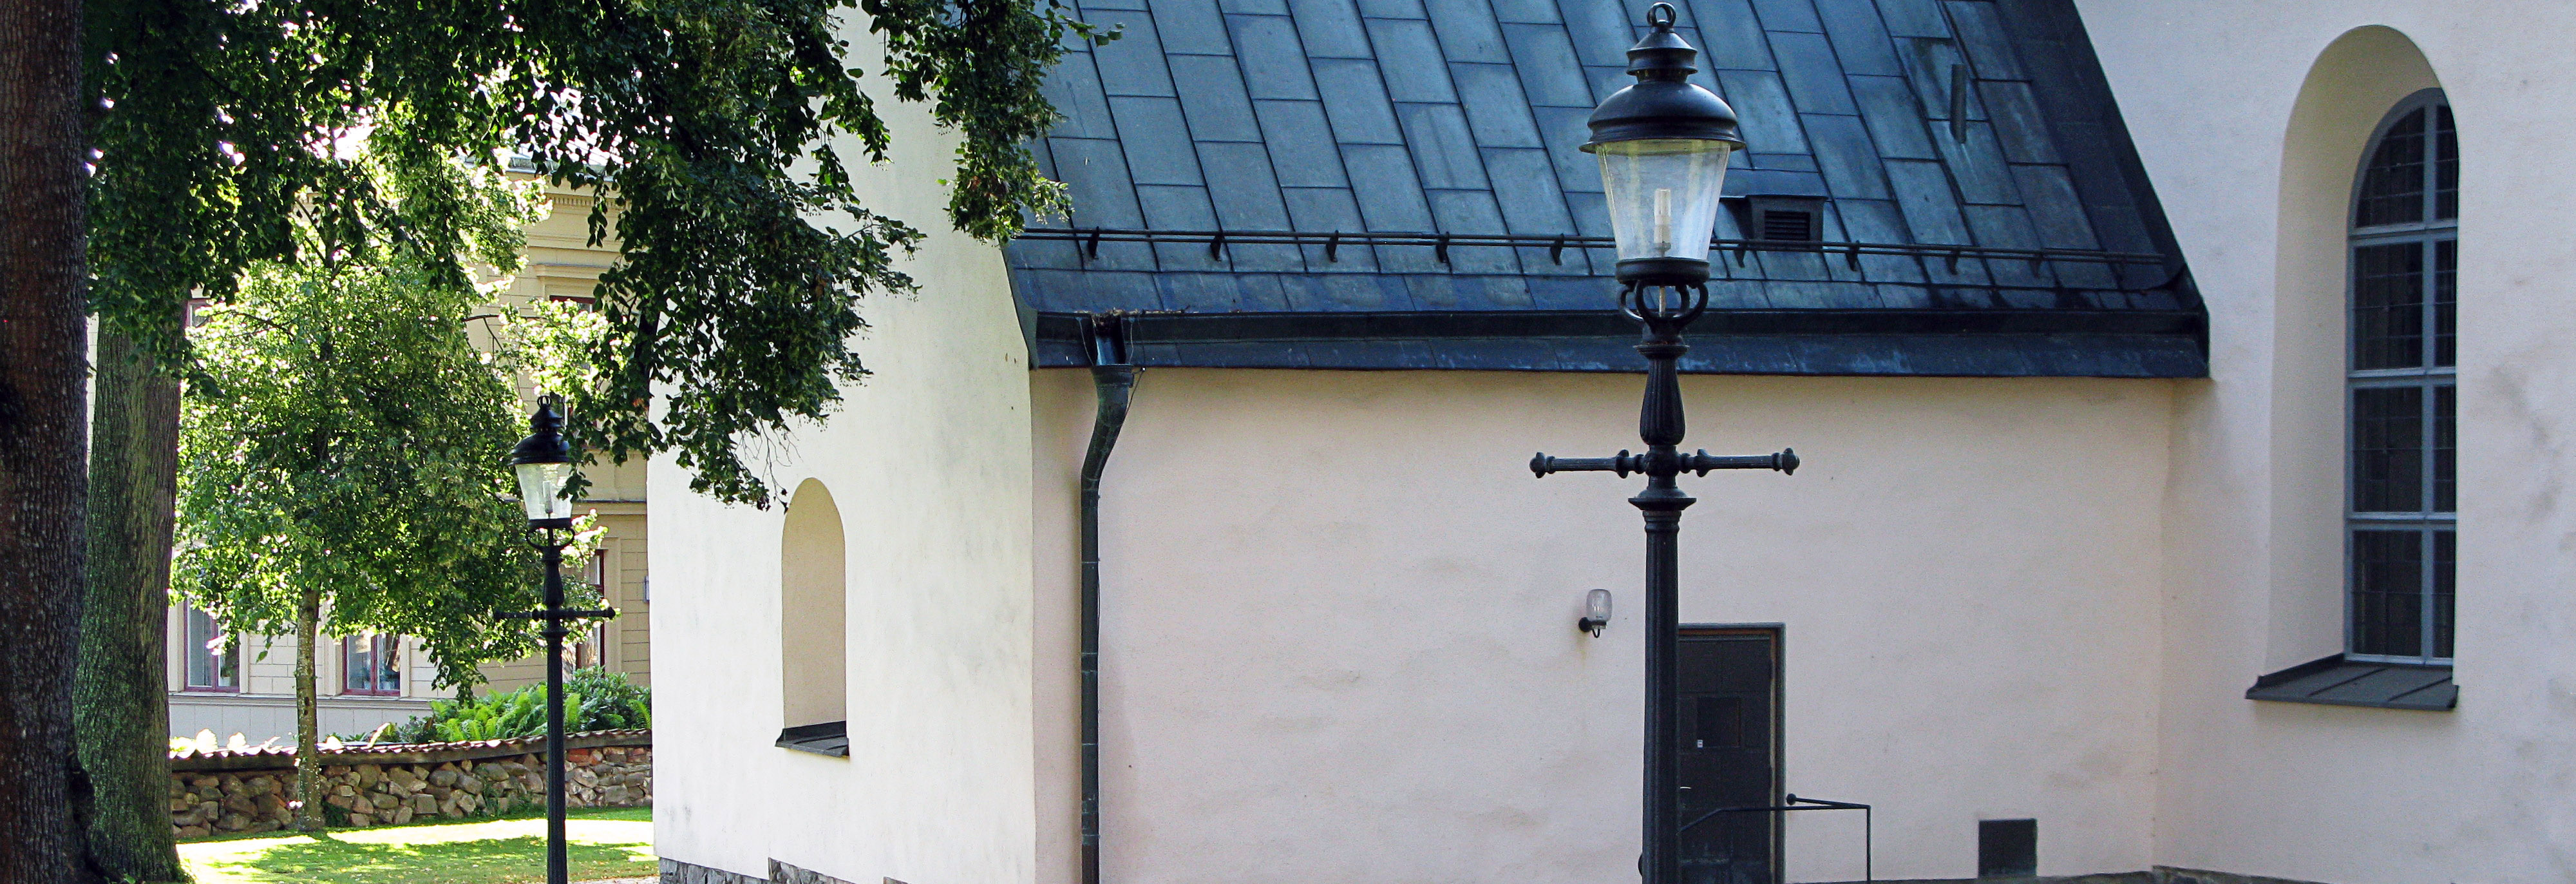 Kungslyktan samt stolpe i gjutjärn, Nicolaikyrkan i Nyköping